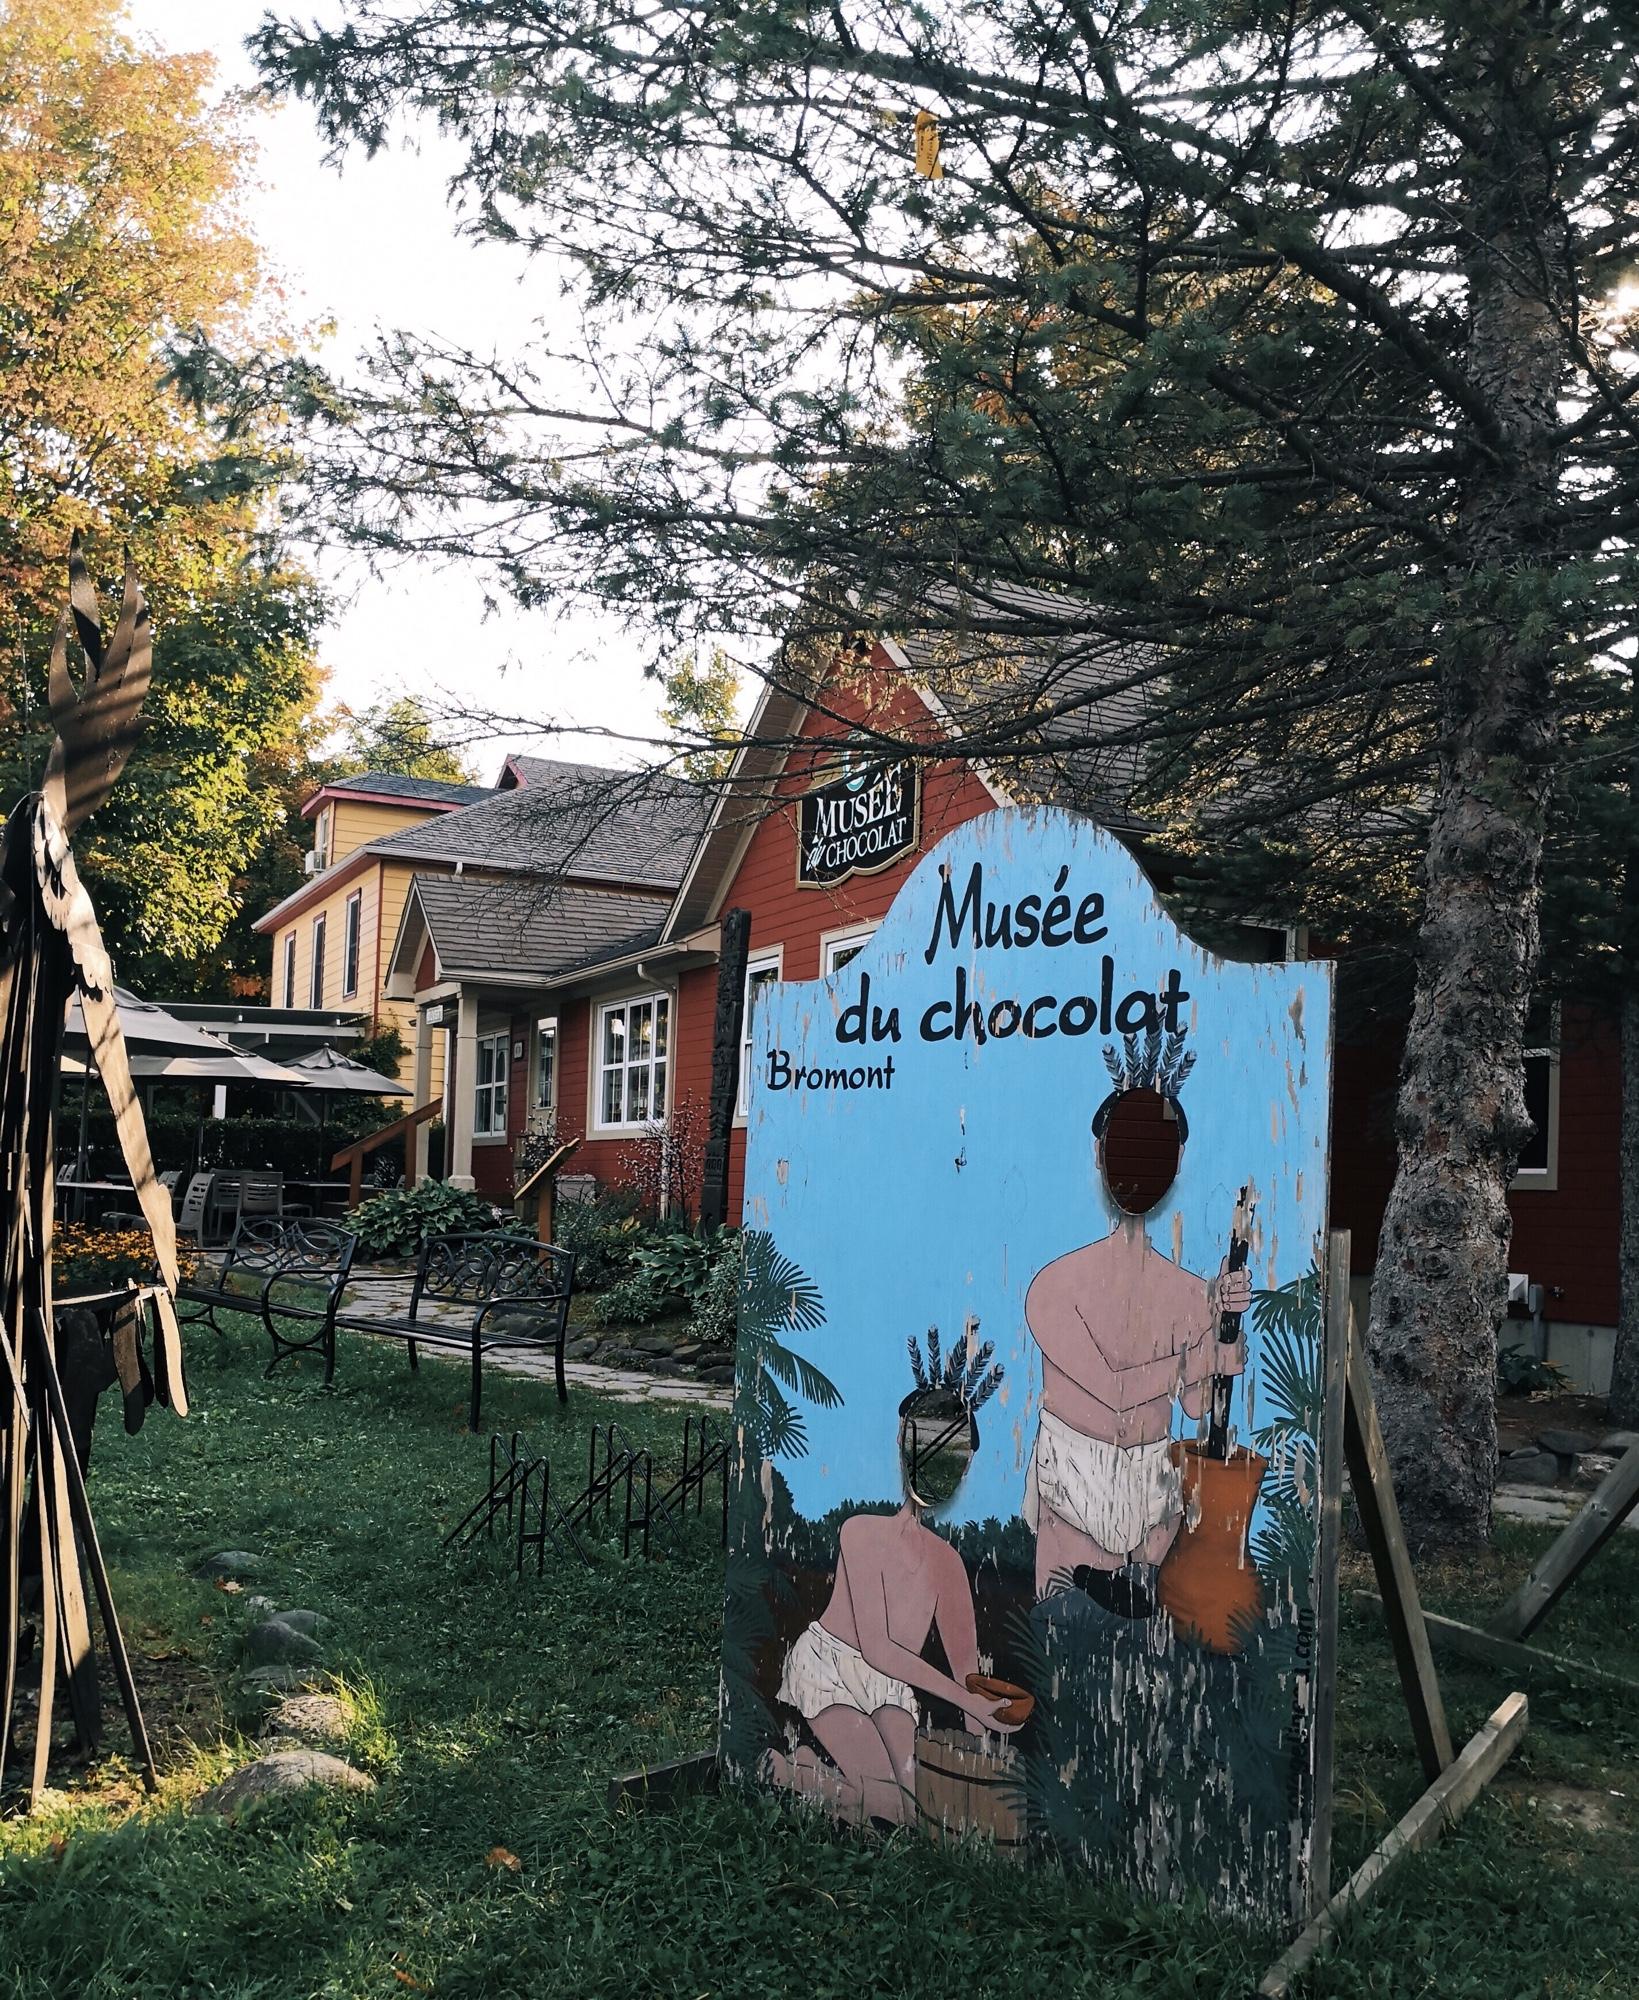 ブロモン(Bromont)のチョコレート専門店